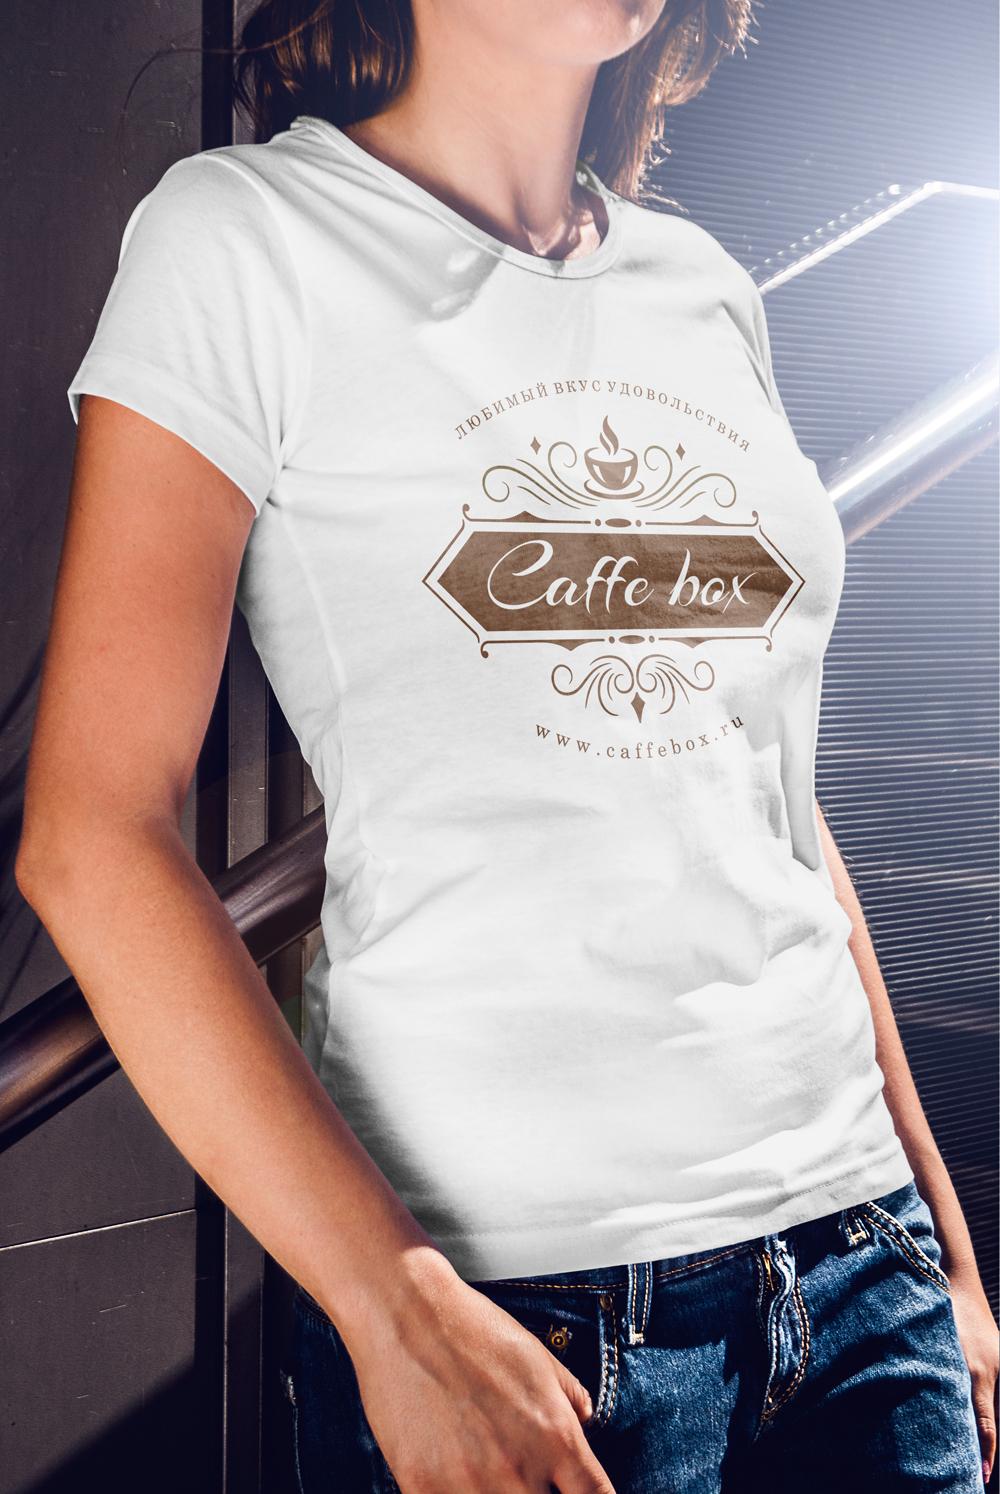 Требуется очень срочно разработать логотип кофейни! фото f_2705a0df8e55d1c0.jpg